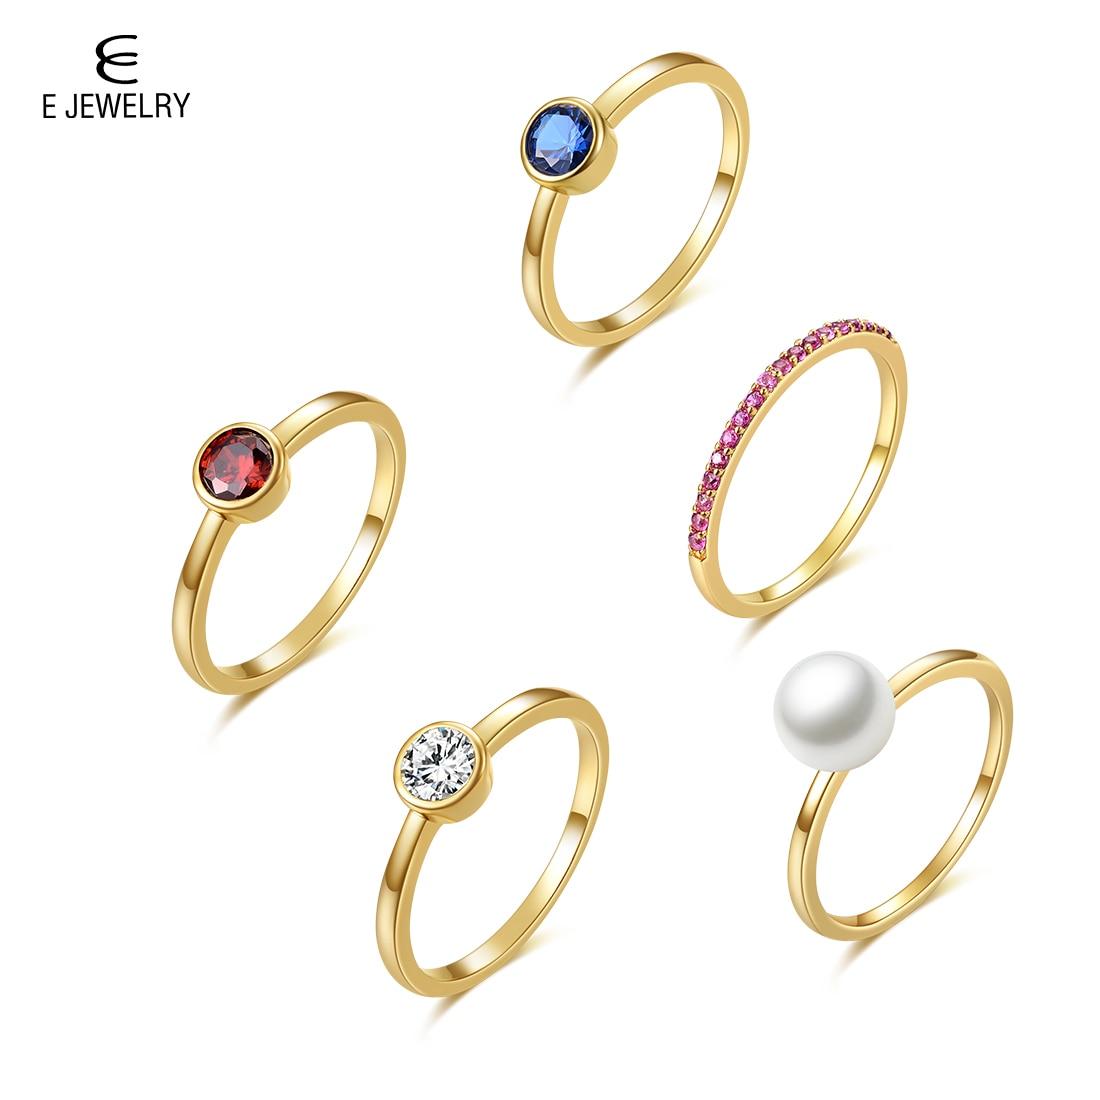 E 18 K Amarelo Banhado A Ouro Shell Pérola Anéis para As Mulheres Empilháveis Birthstone Jóias Declaração Set Moda Banda ring Finger CZ anéis